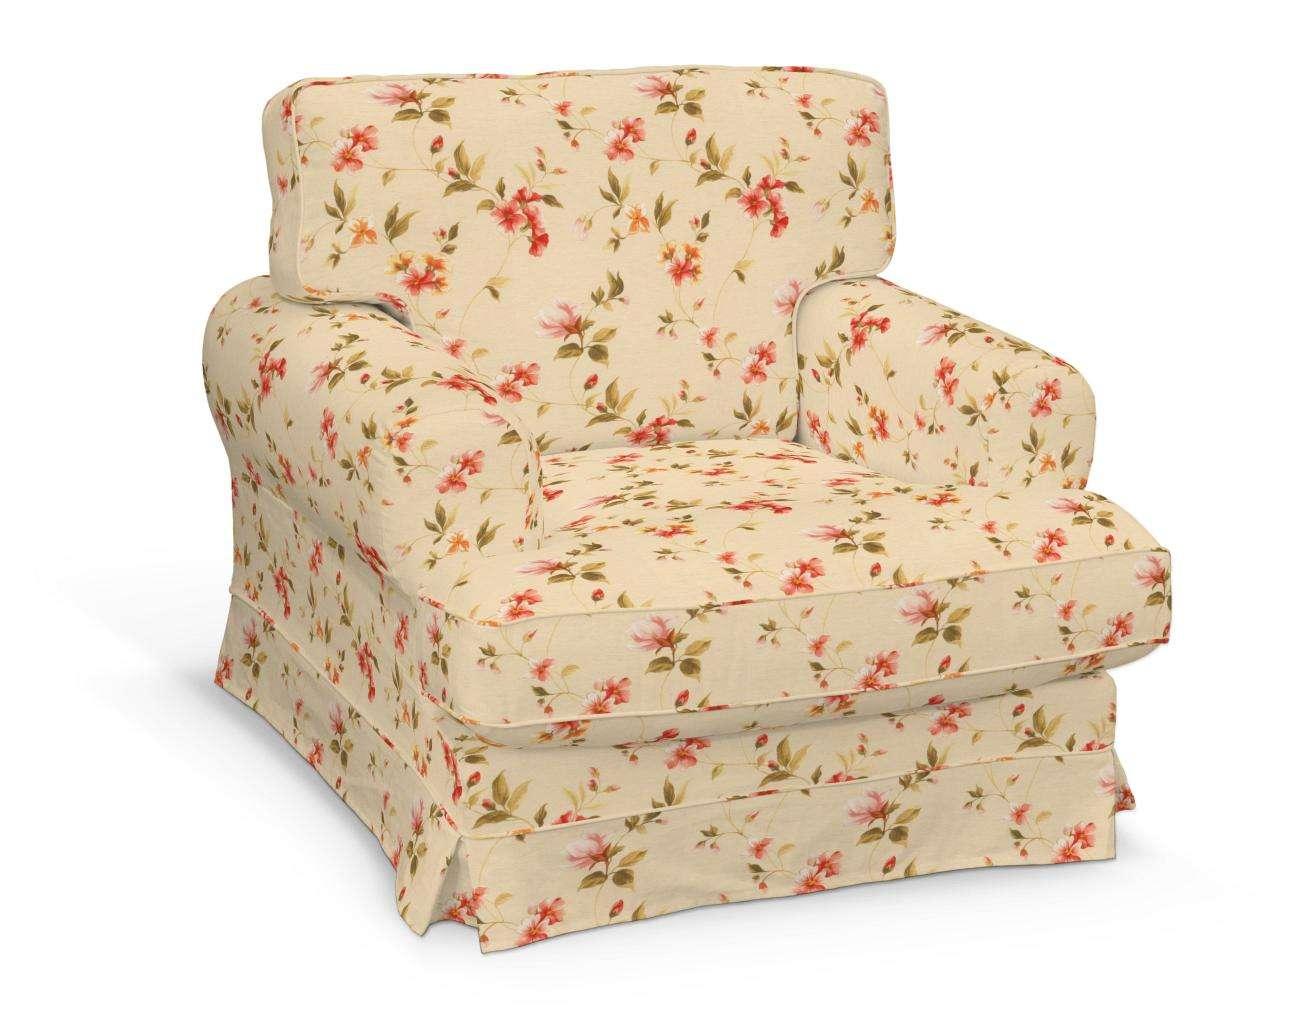 Pokrowiec na fotel Ekeskog w kolekcji Londres, tkanina: 124-05